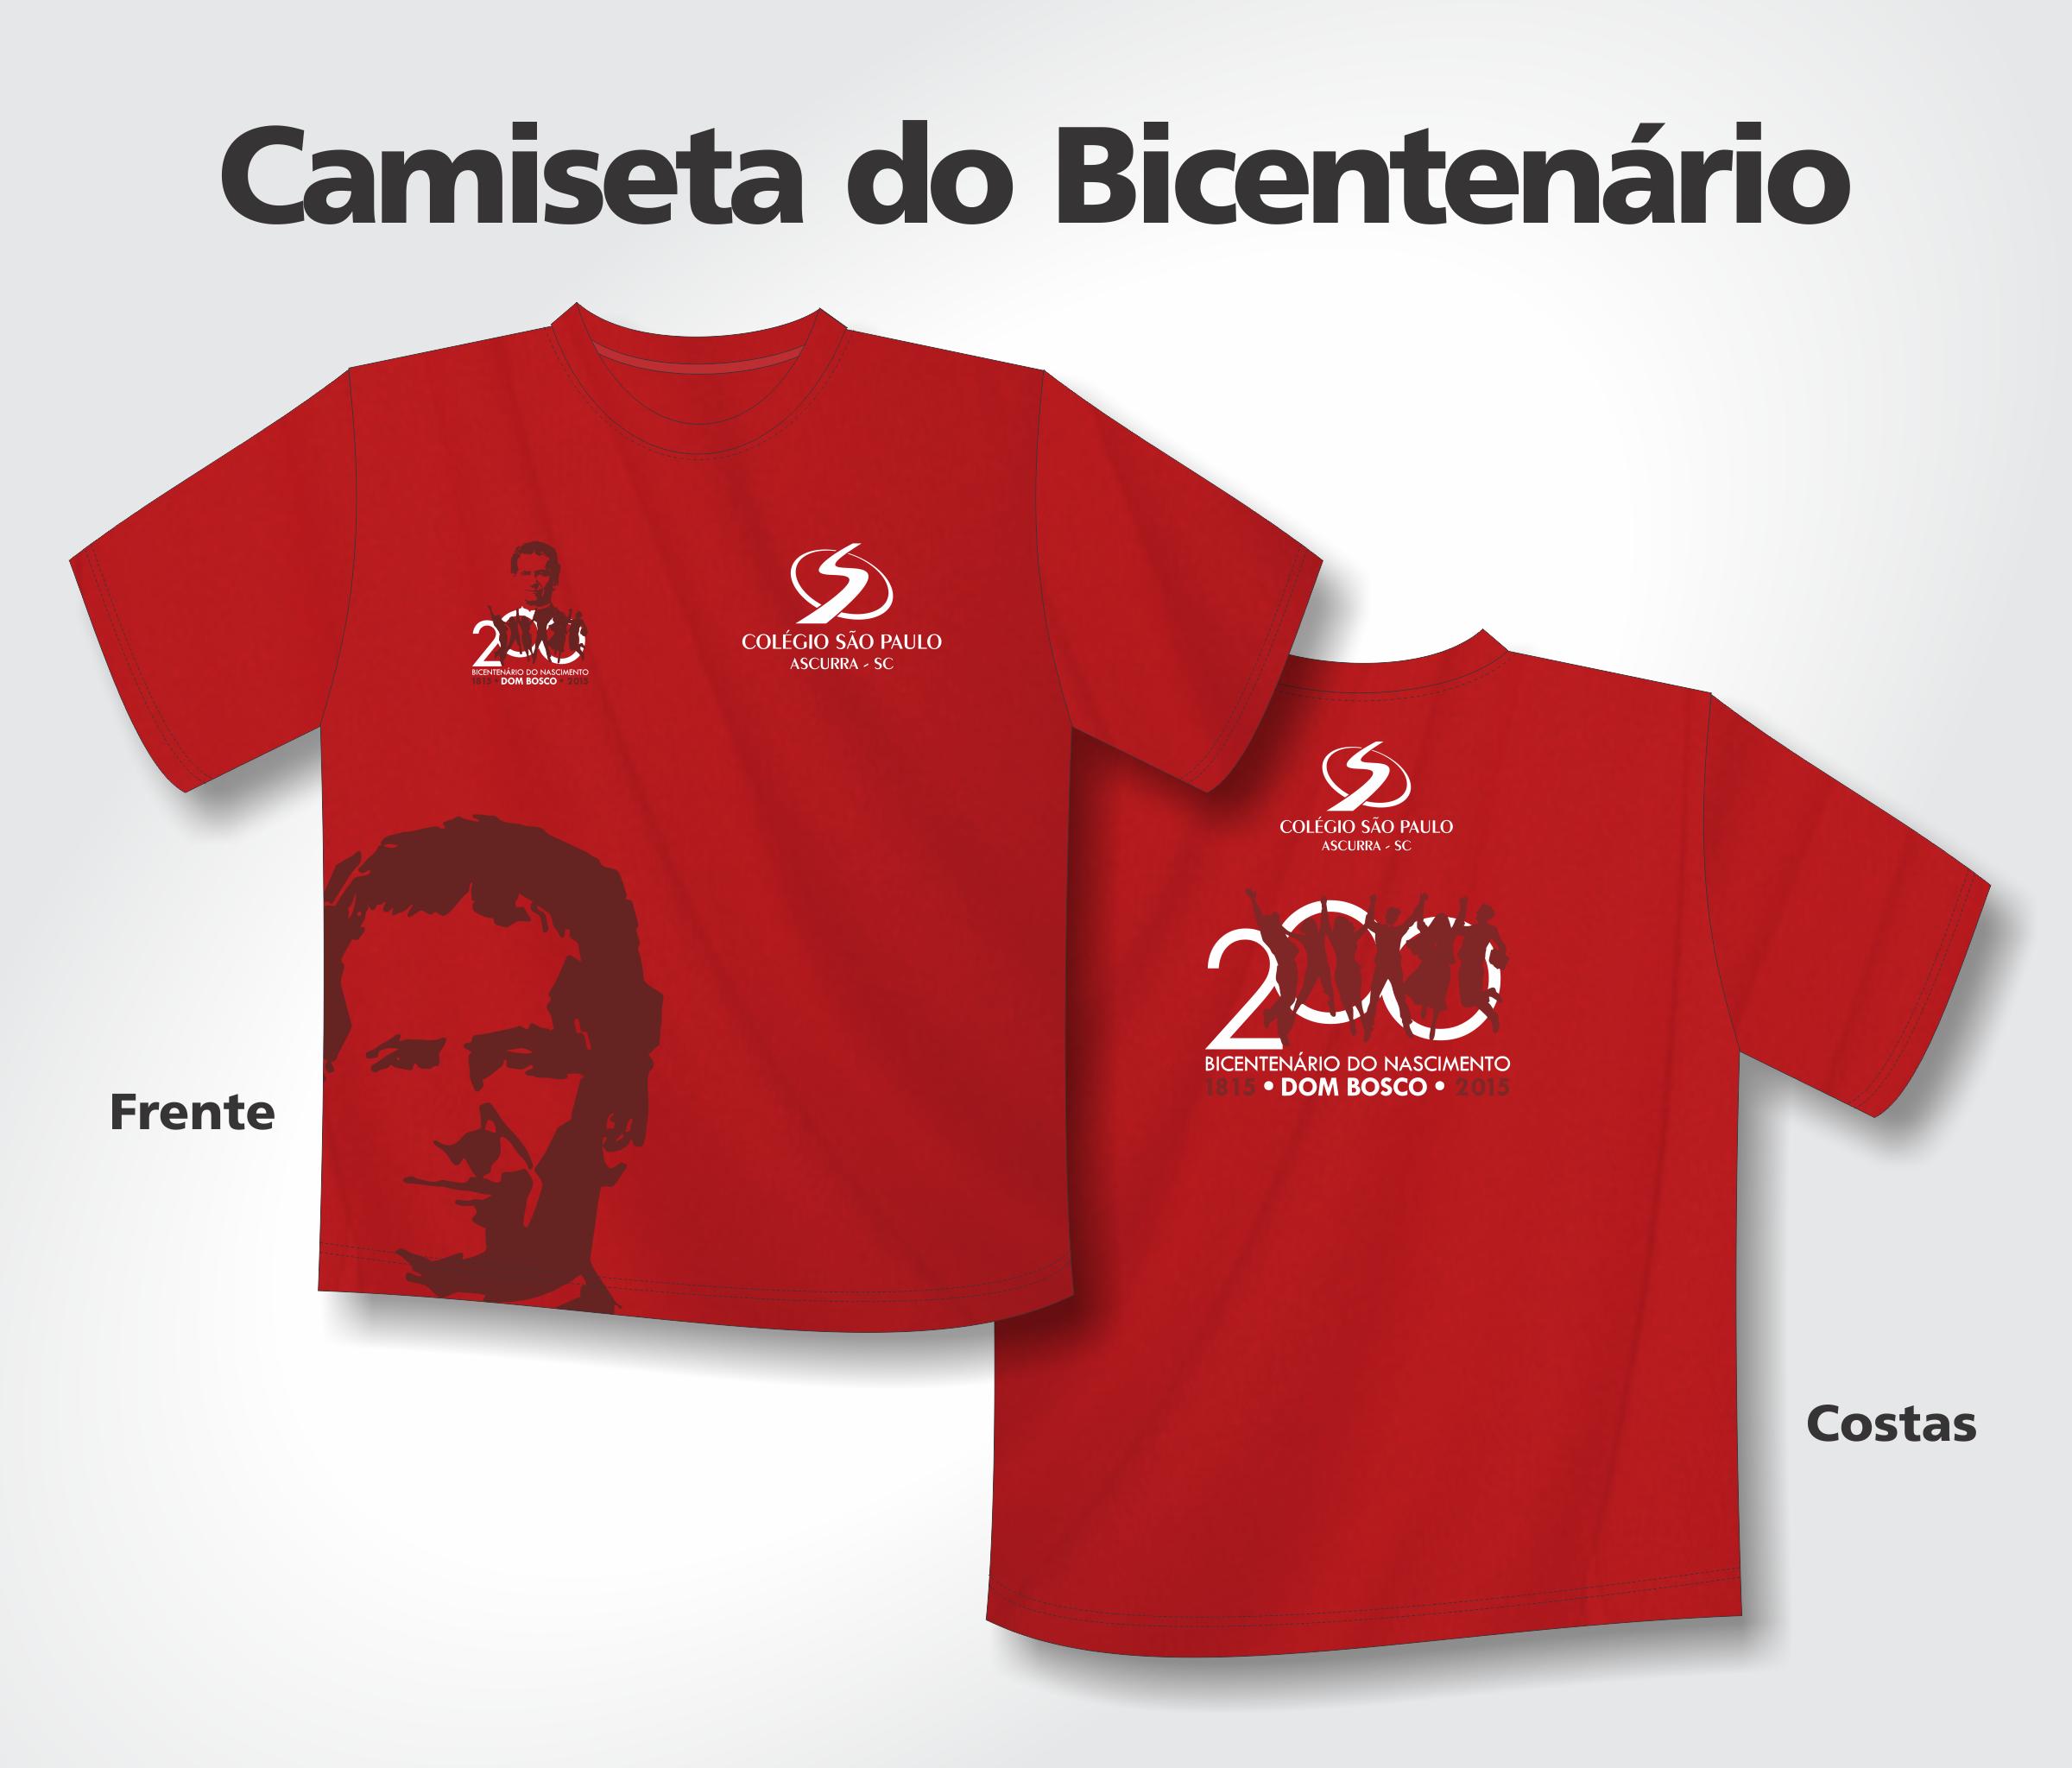 Camiseta_bicentenario_csp